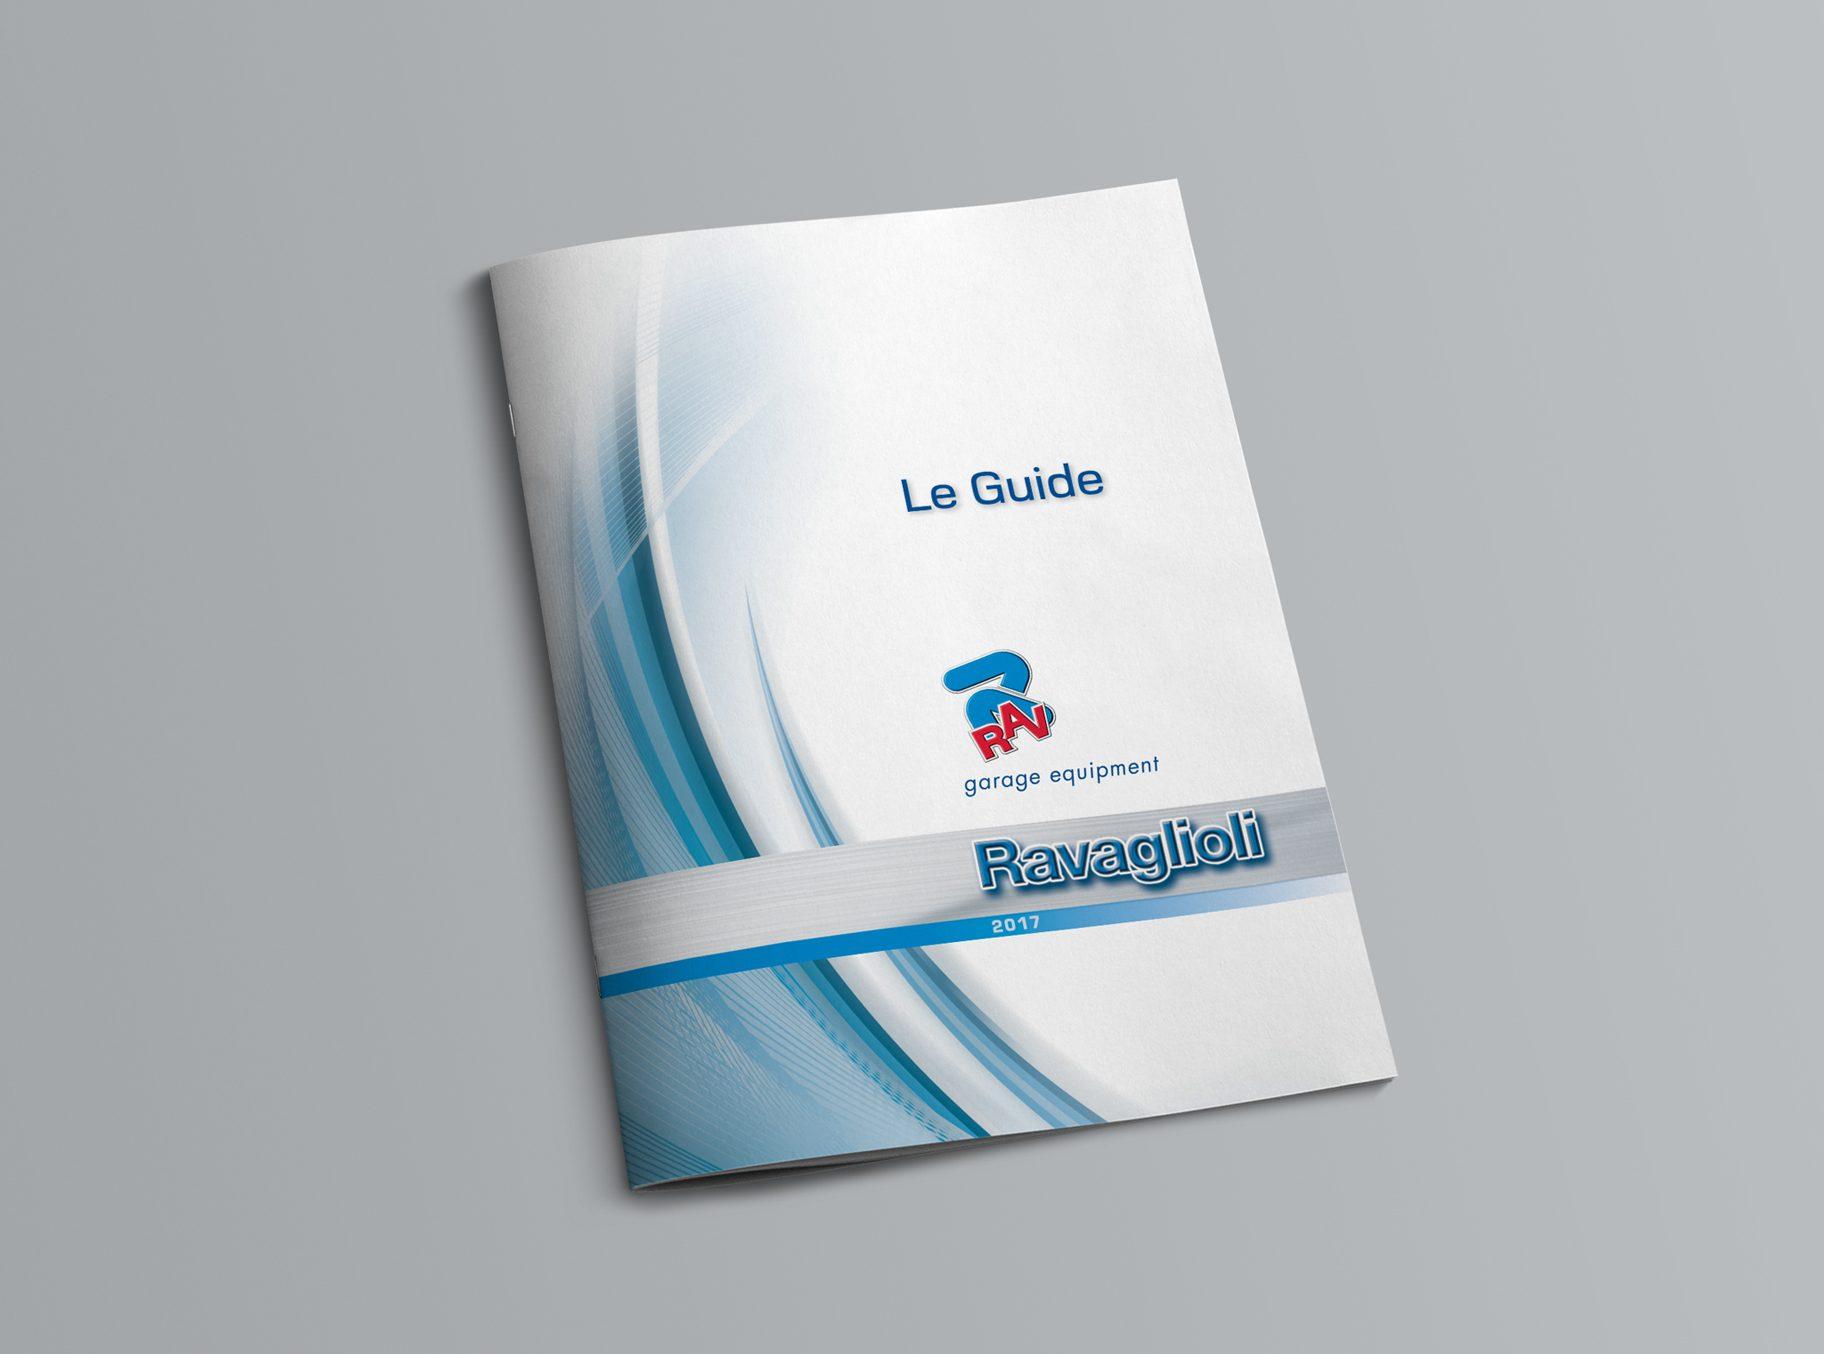 Ravaglioli-le-guide-brochure-catalogo-prodotti